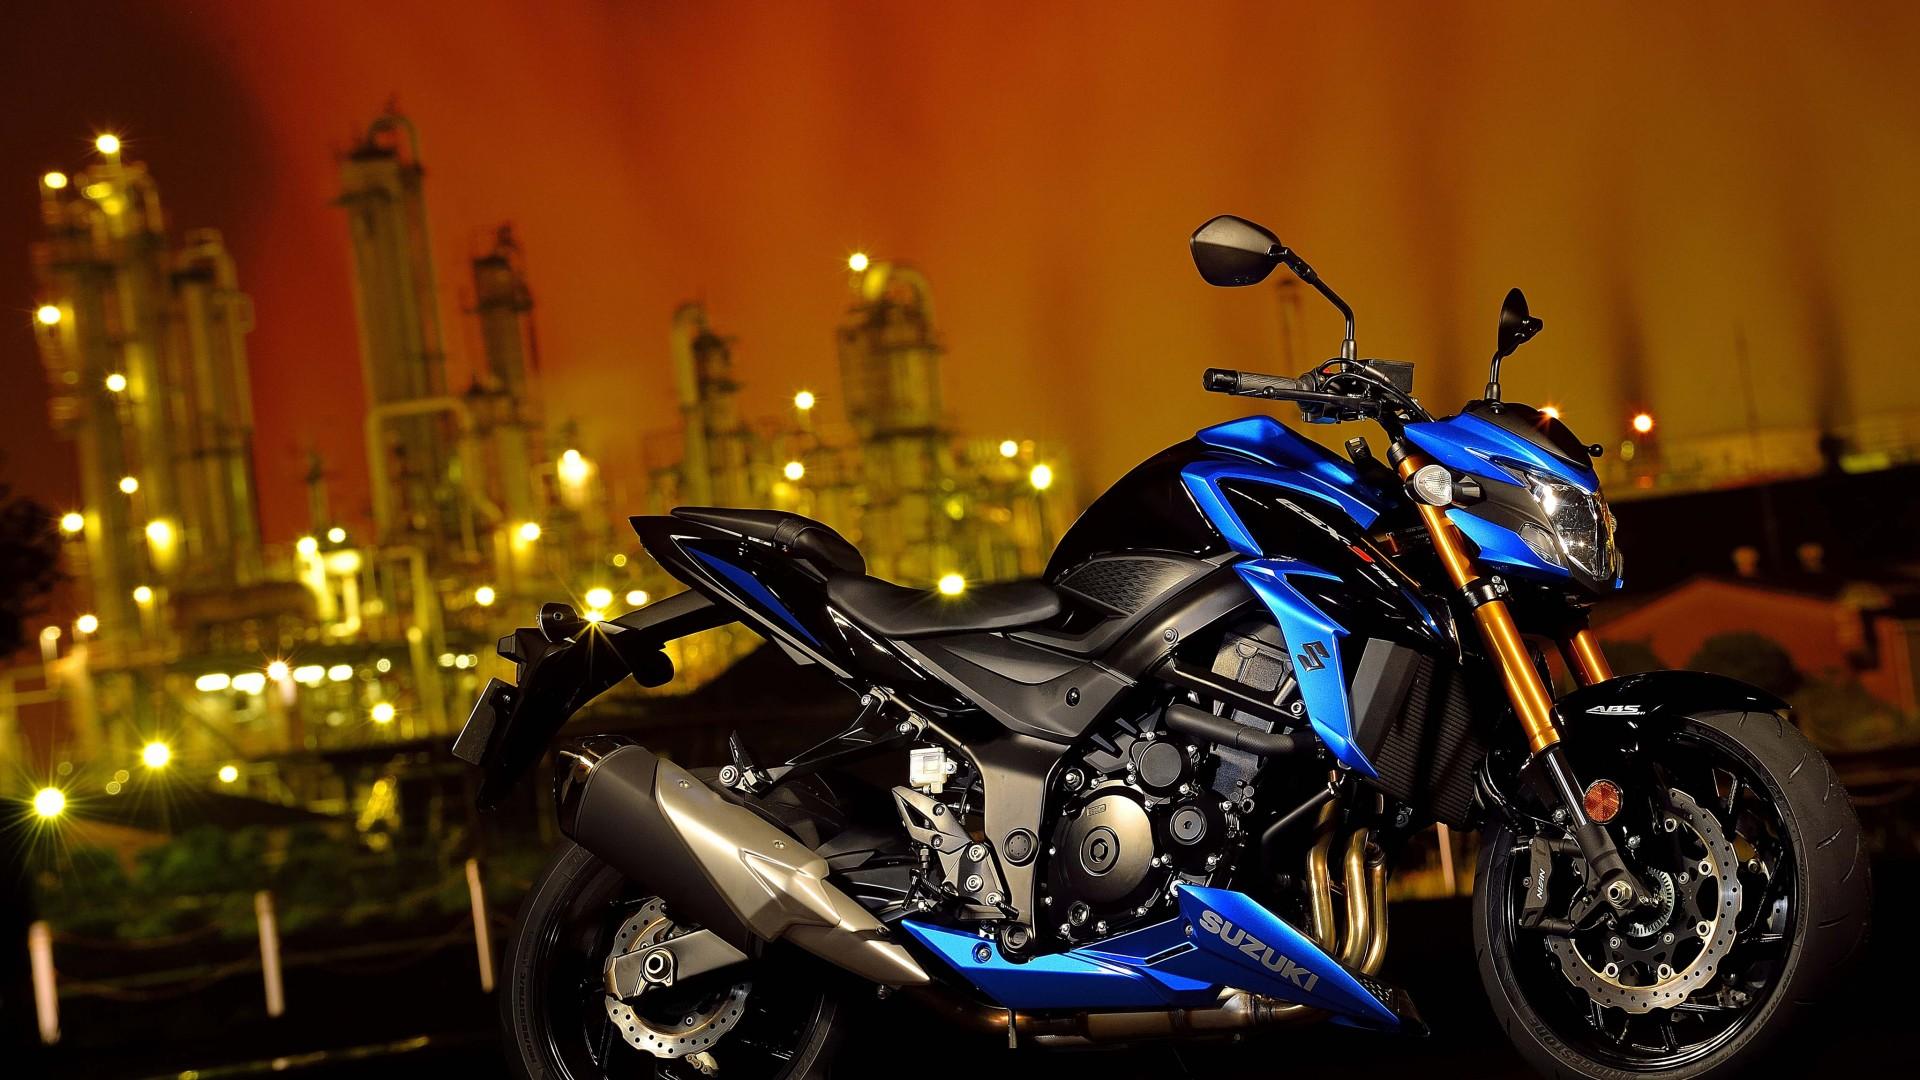 Wallpaper Suzuki Gsx S750 2018 Bikes 4k Cars Amp Bikes 14719